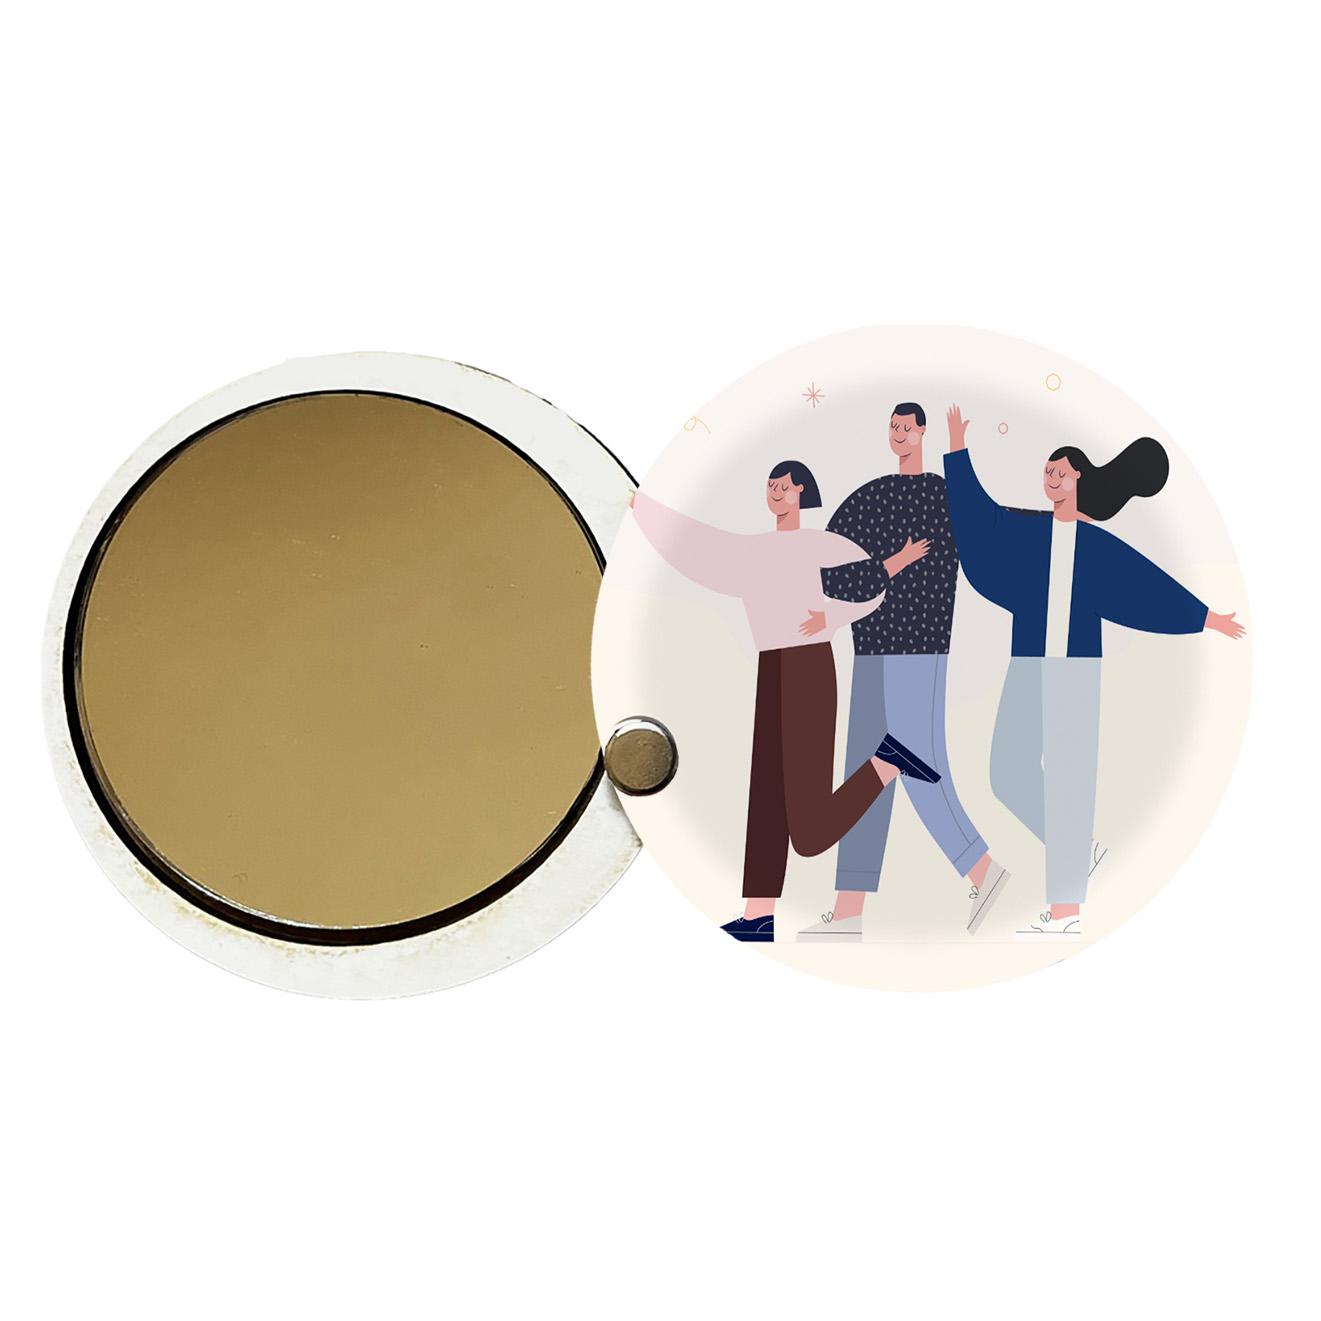 آینه جیبی طرح دخترانه کد ay91